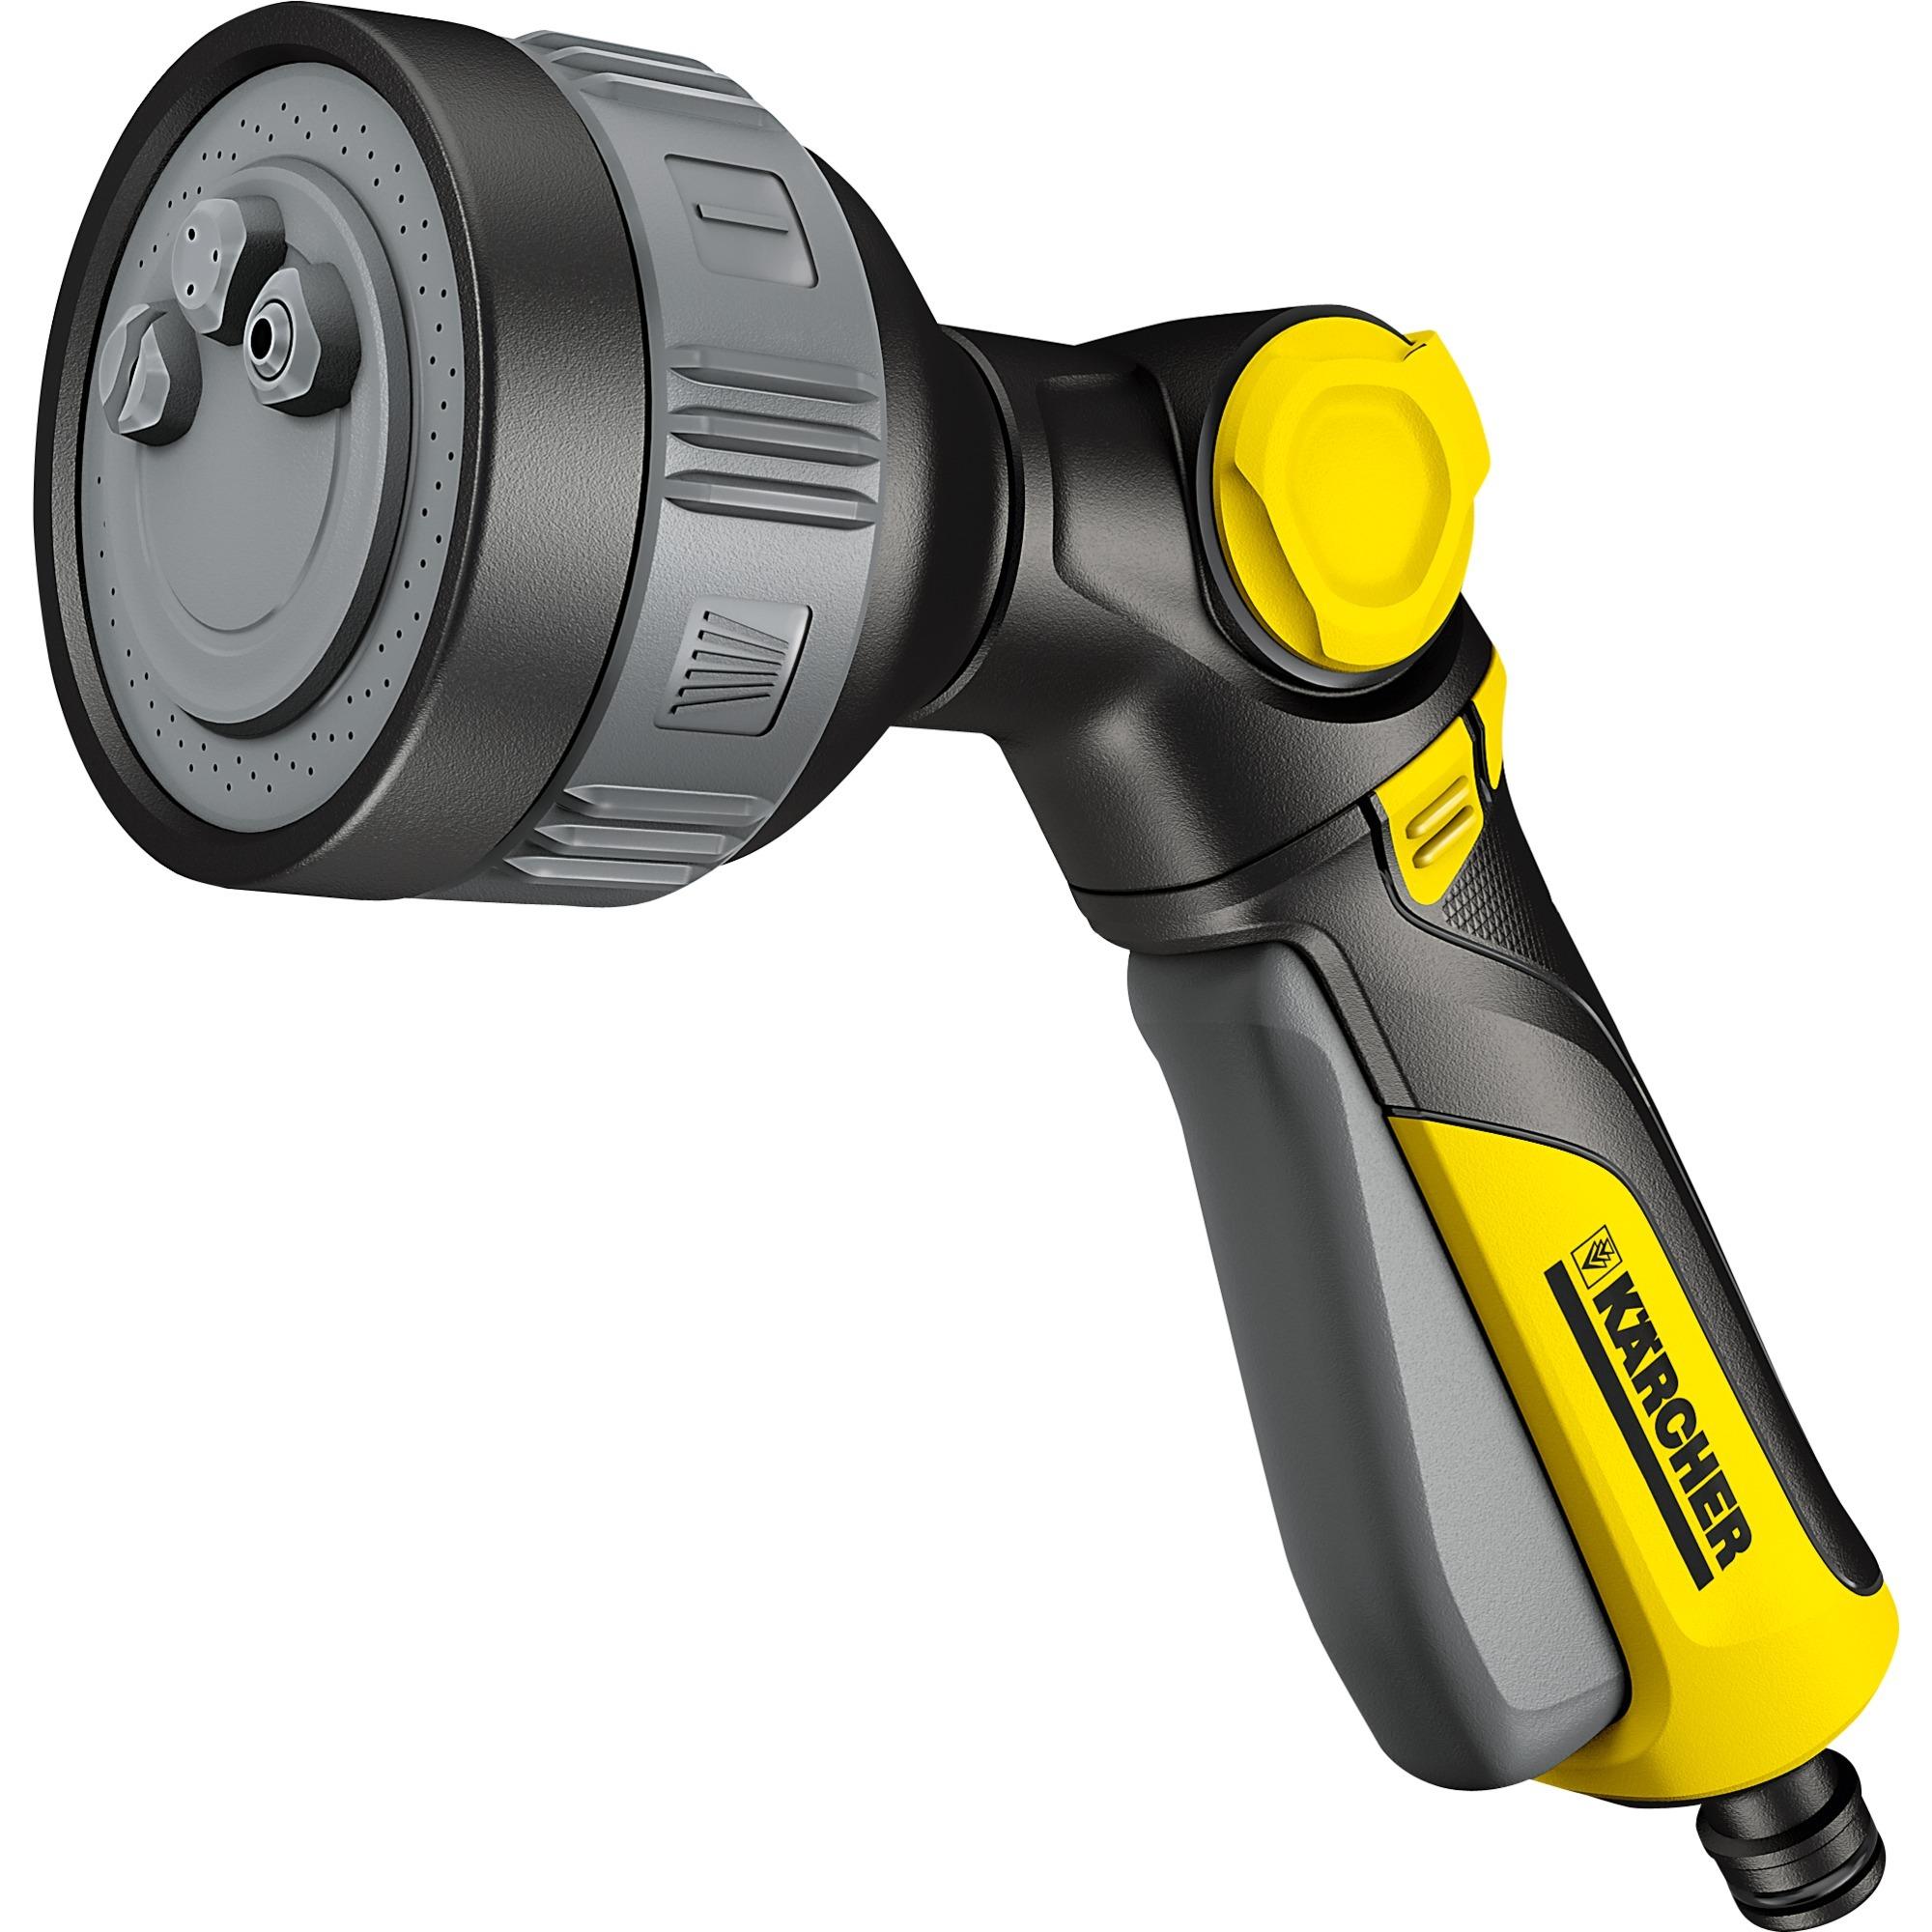 2.645-269.0 pistola de pulverización de agua o boquilla Pistola pulverizadora de agua para jardín Negro, Amarillo, Ducha